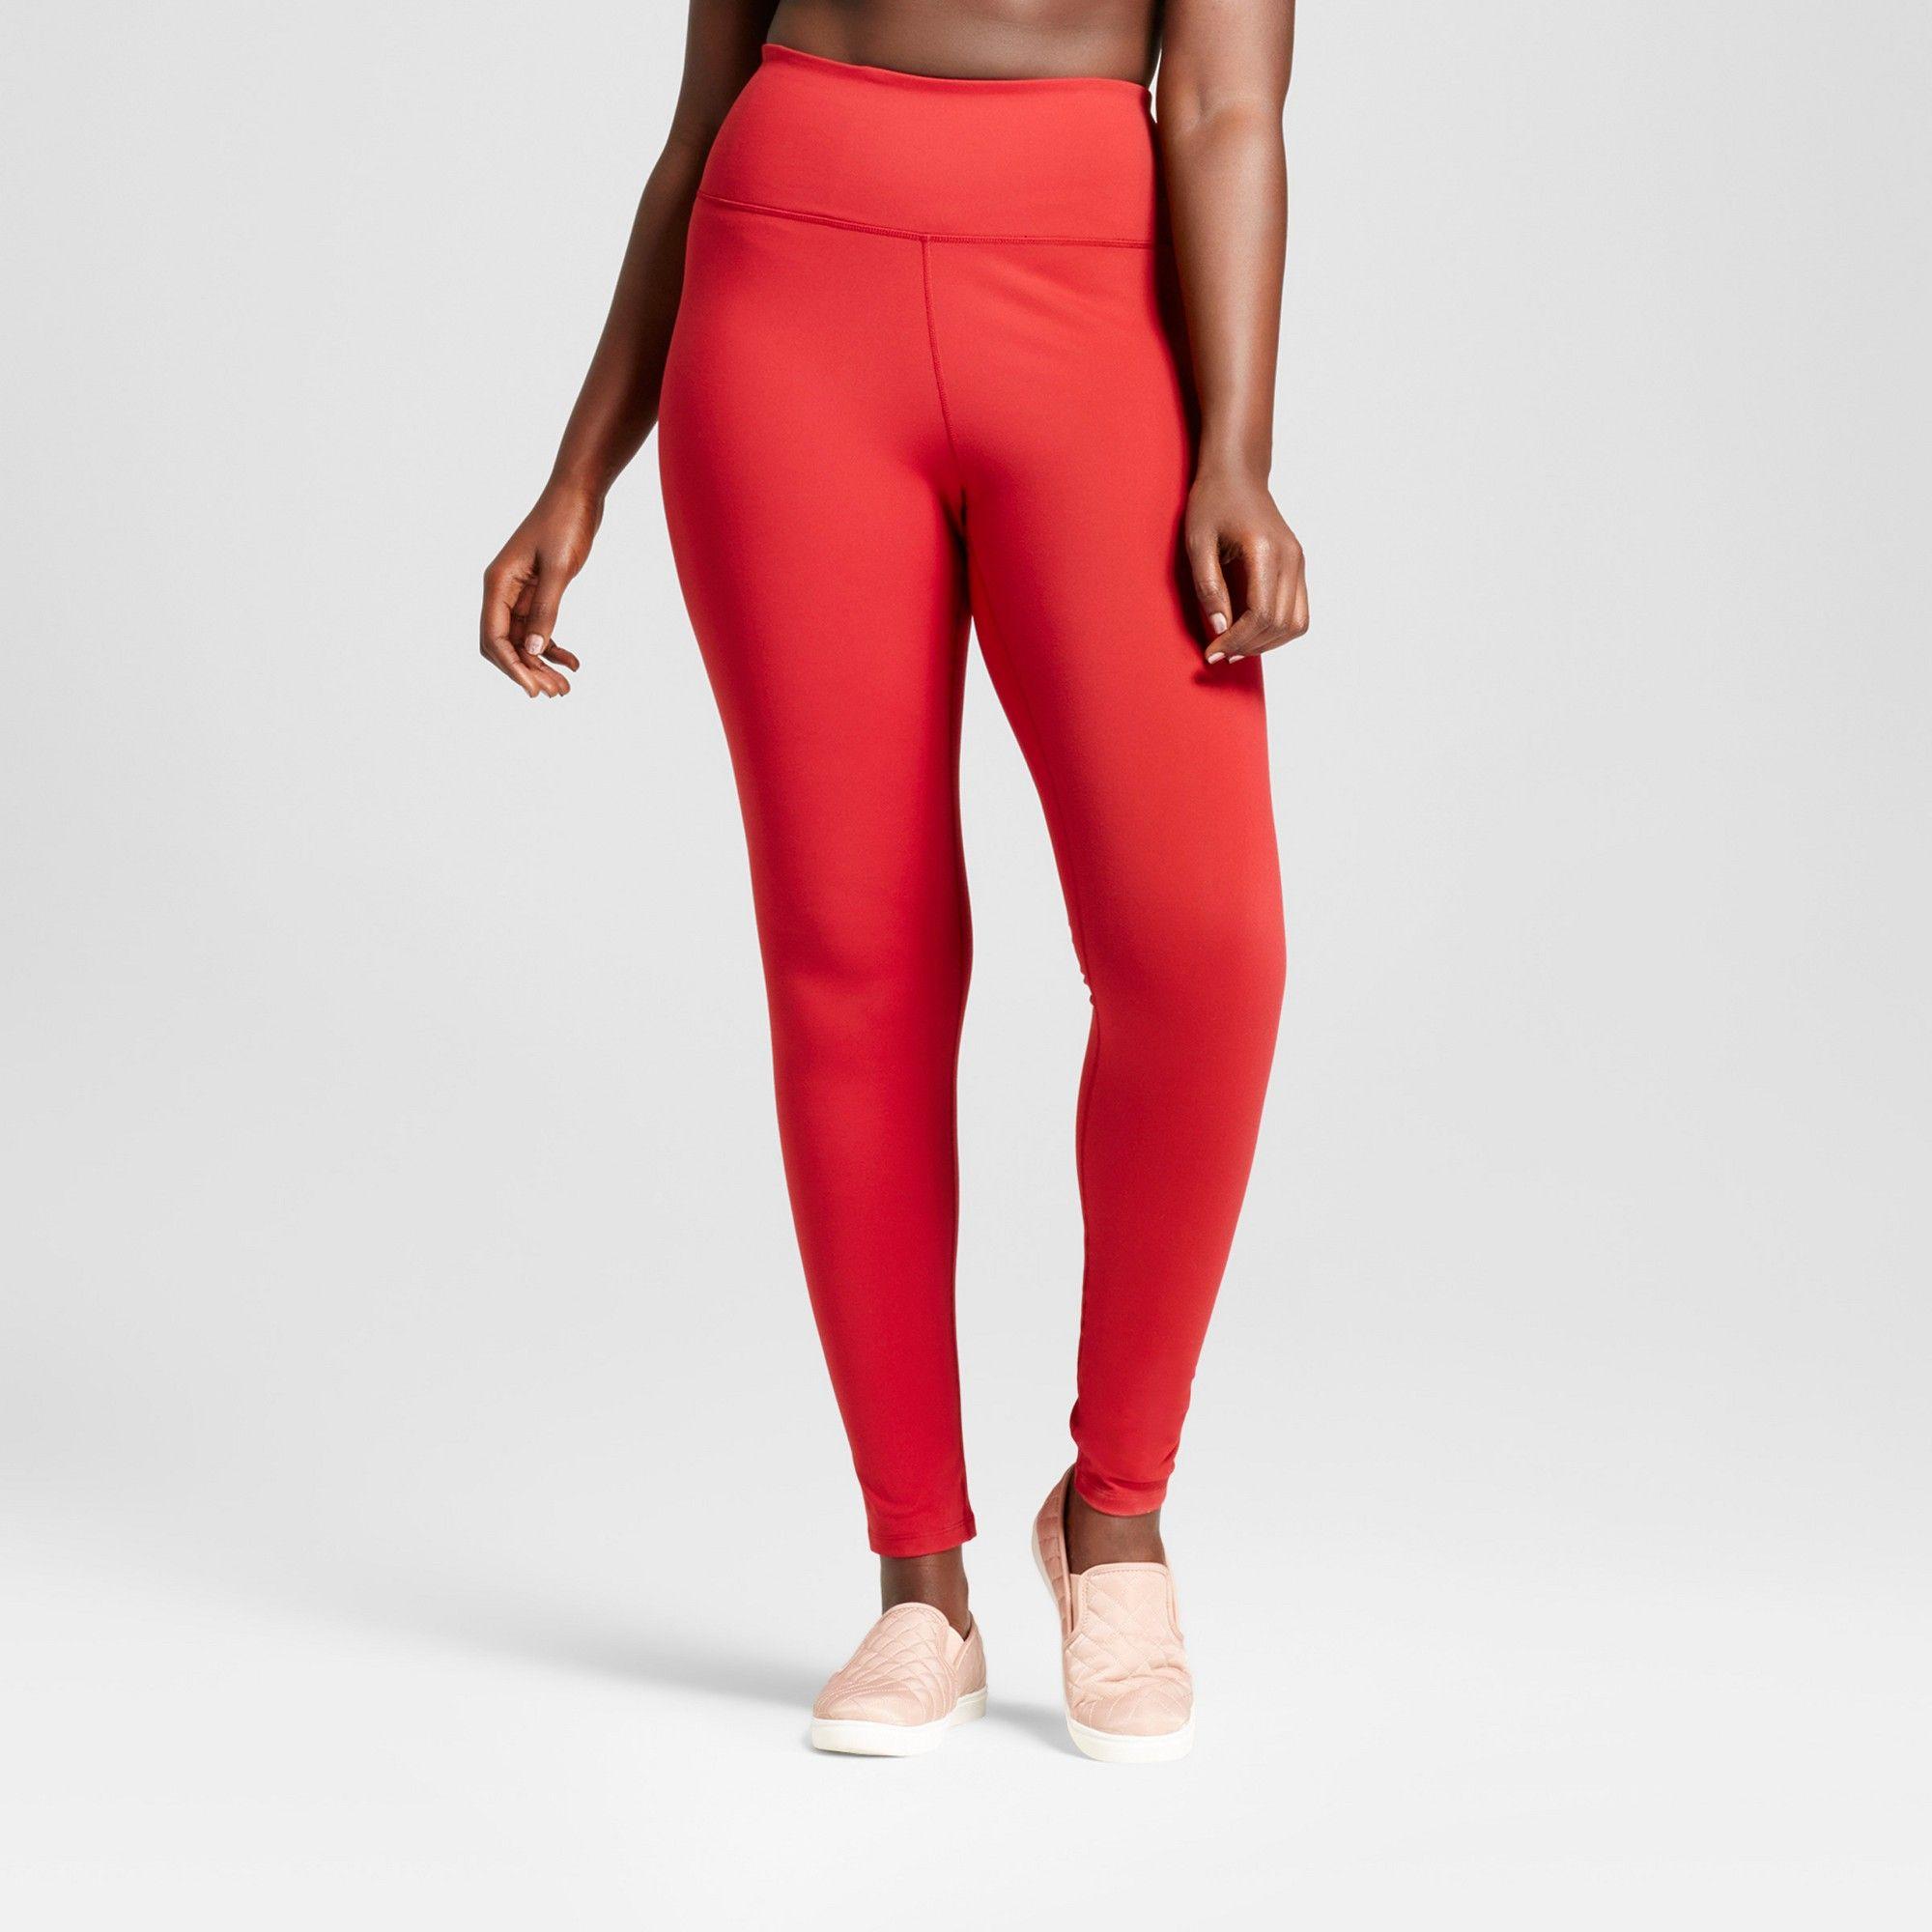 3593c2ffc7153c Plus Size Women's Plus Premium High Waist Long Leggings - JoyLab Crimson ( Red) 4X